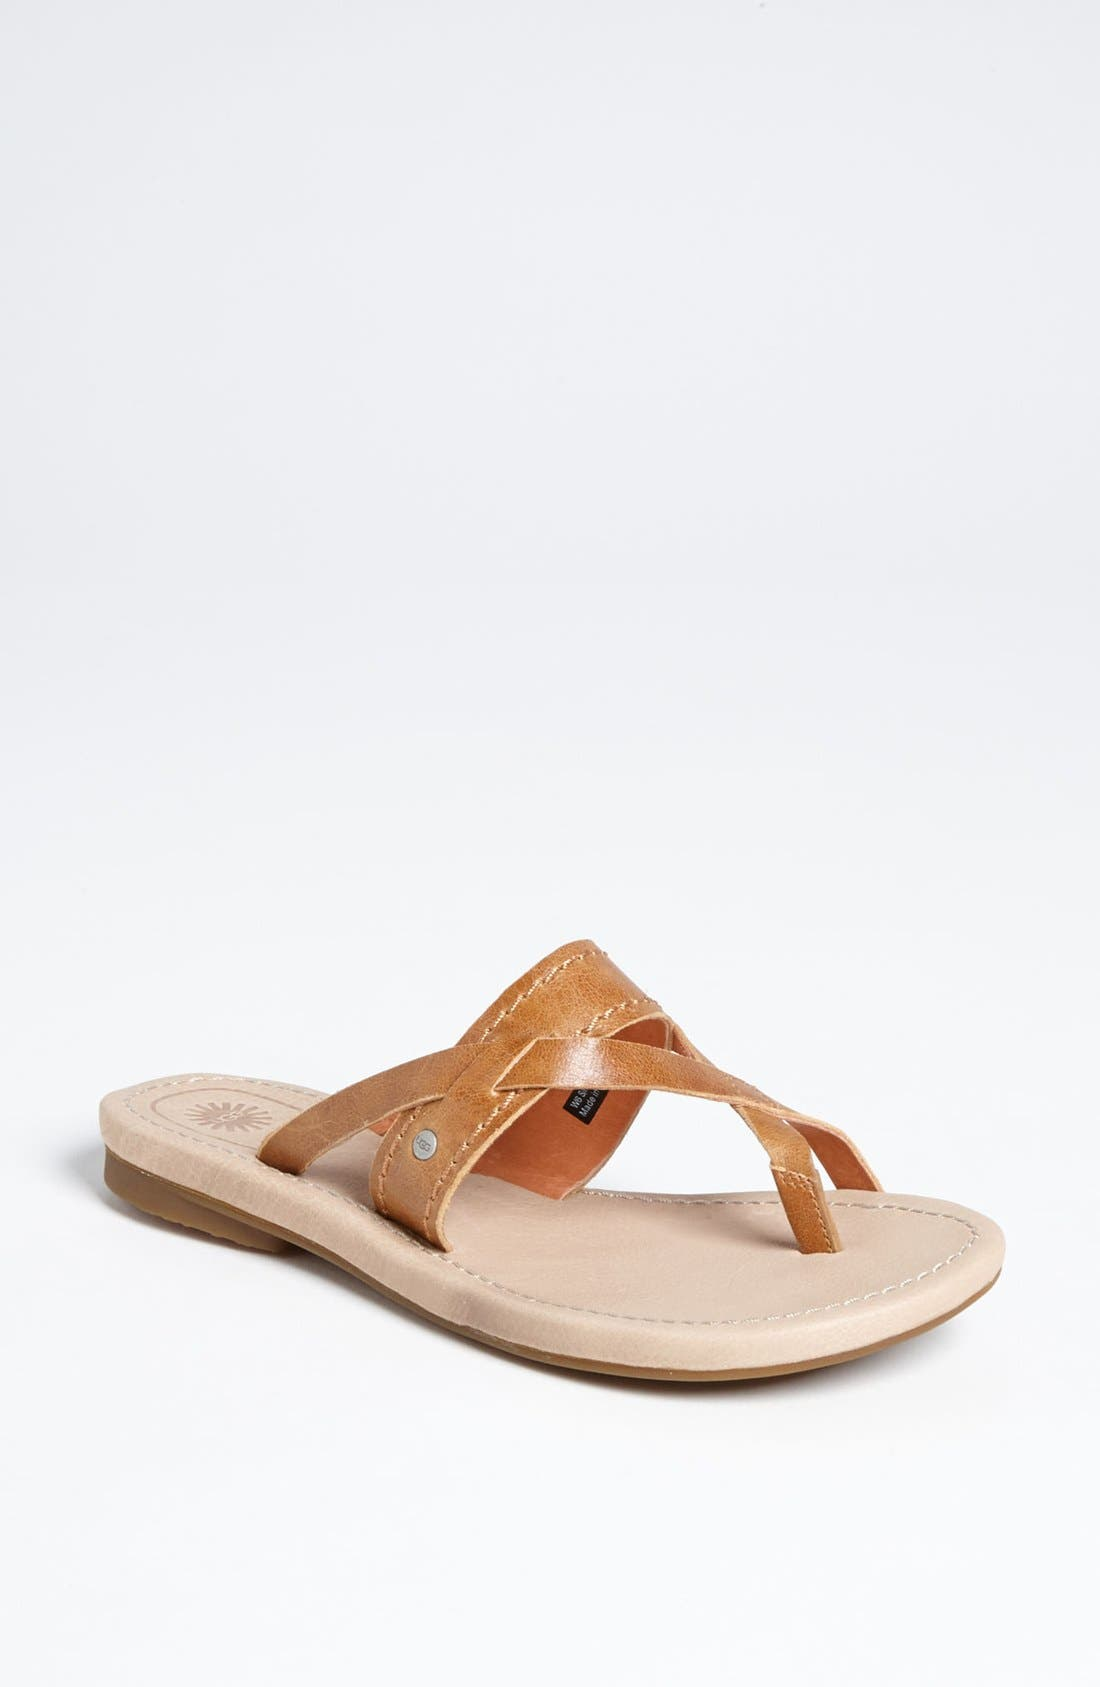 Main Image - UGG® Australia 'Mireya' Sandal (Women)